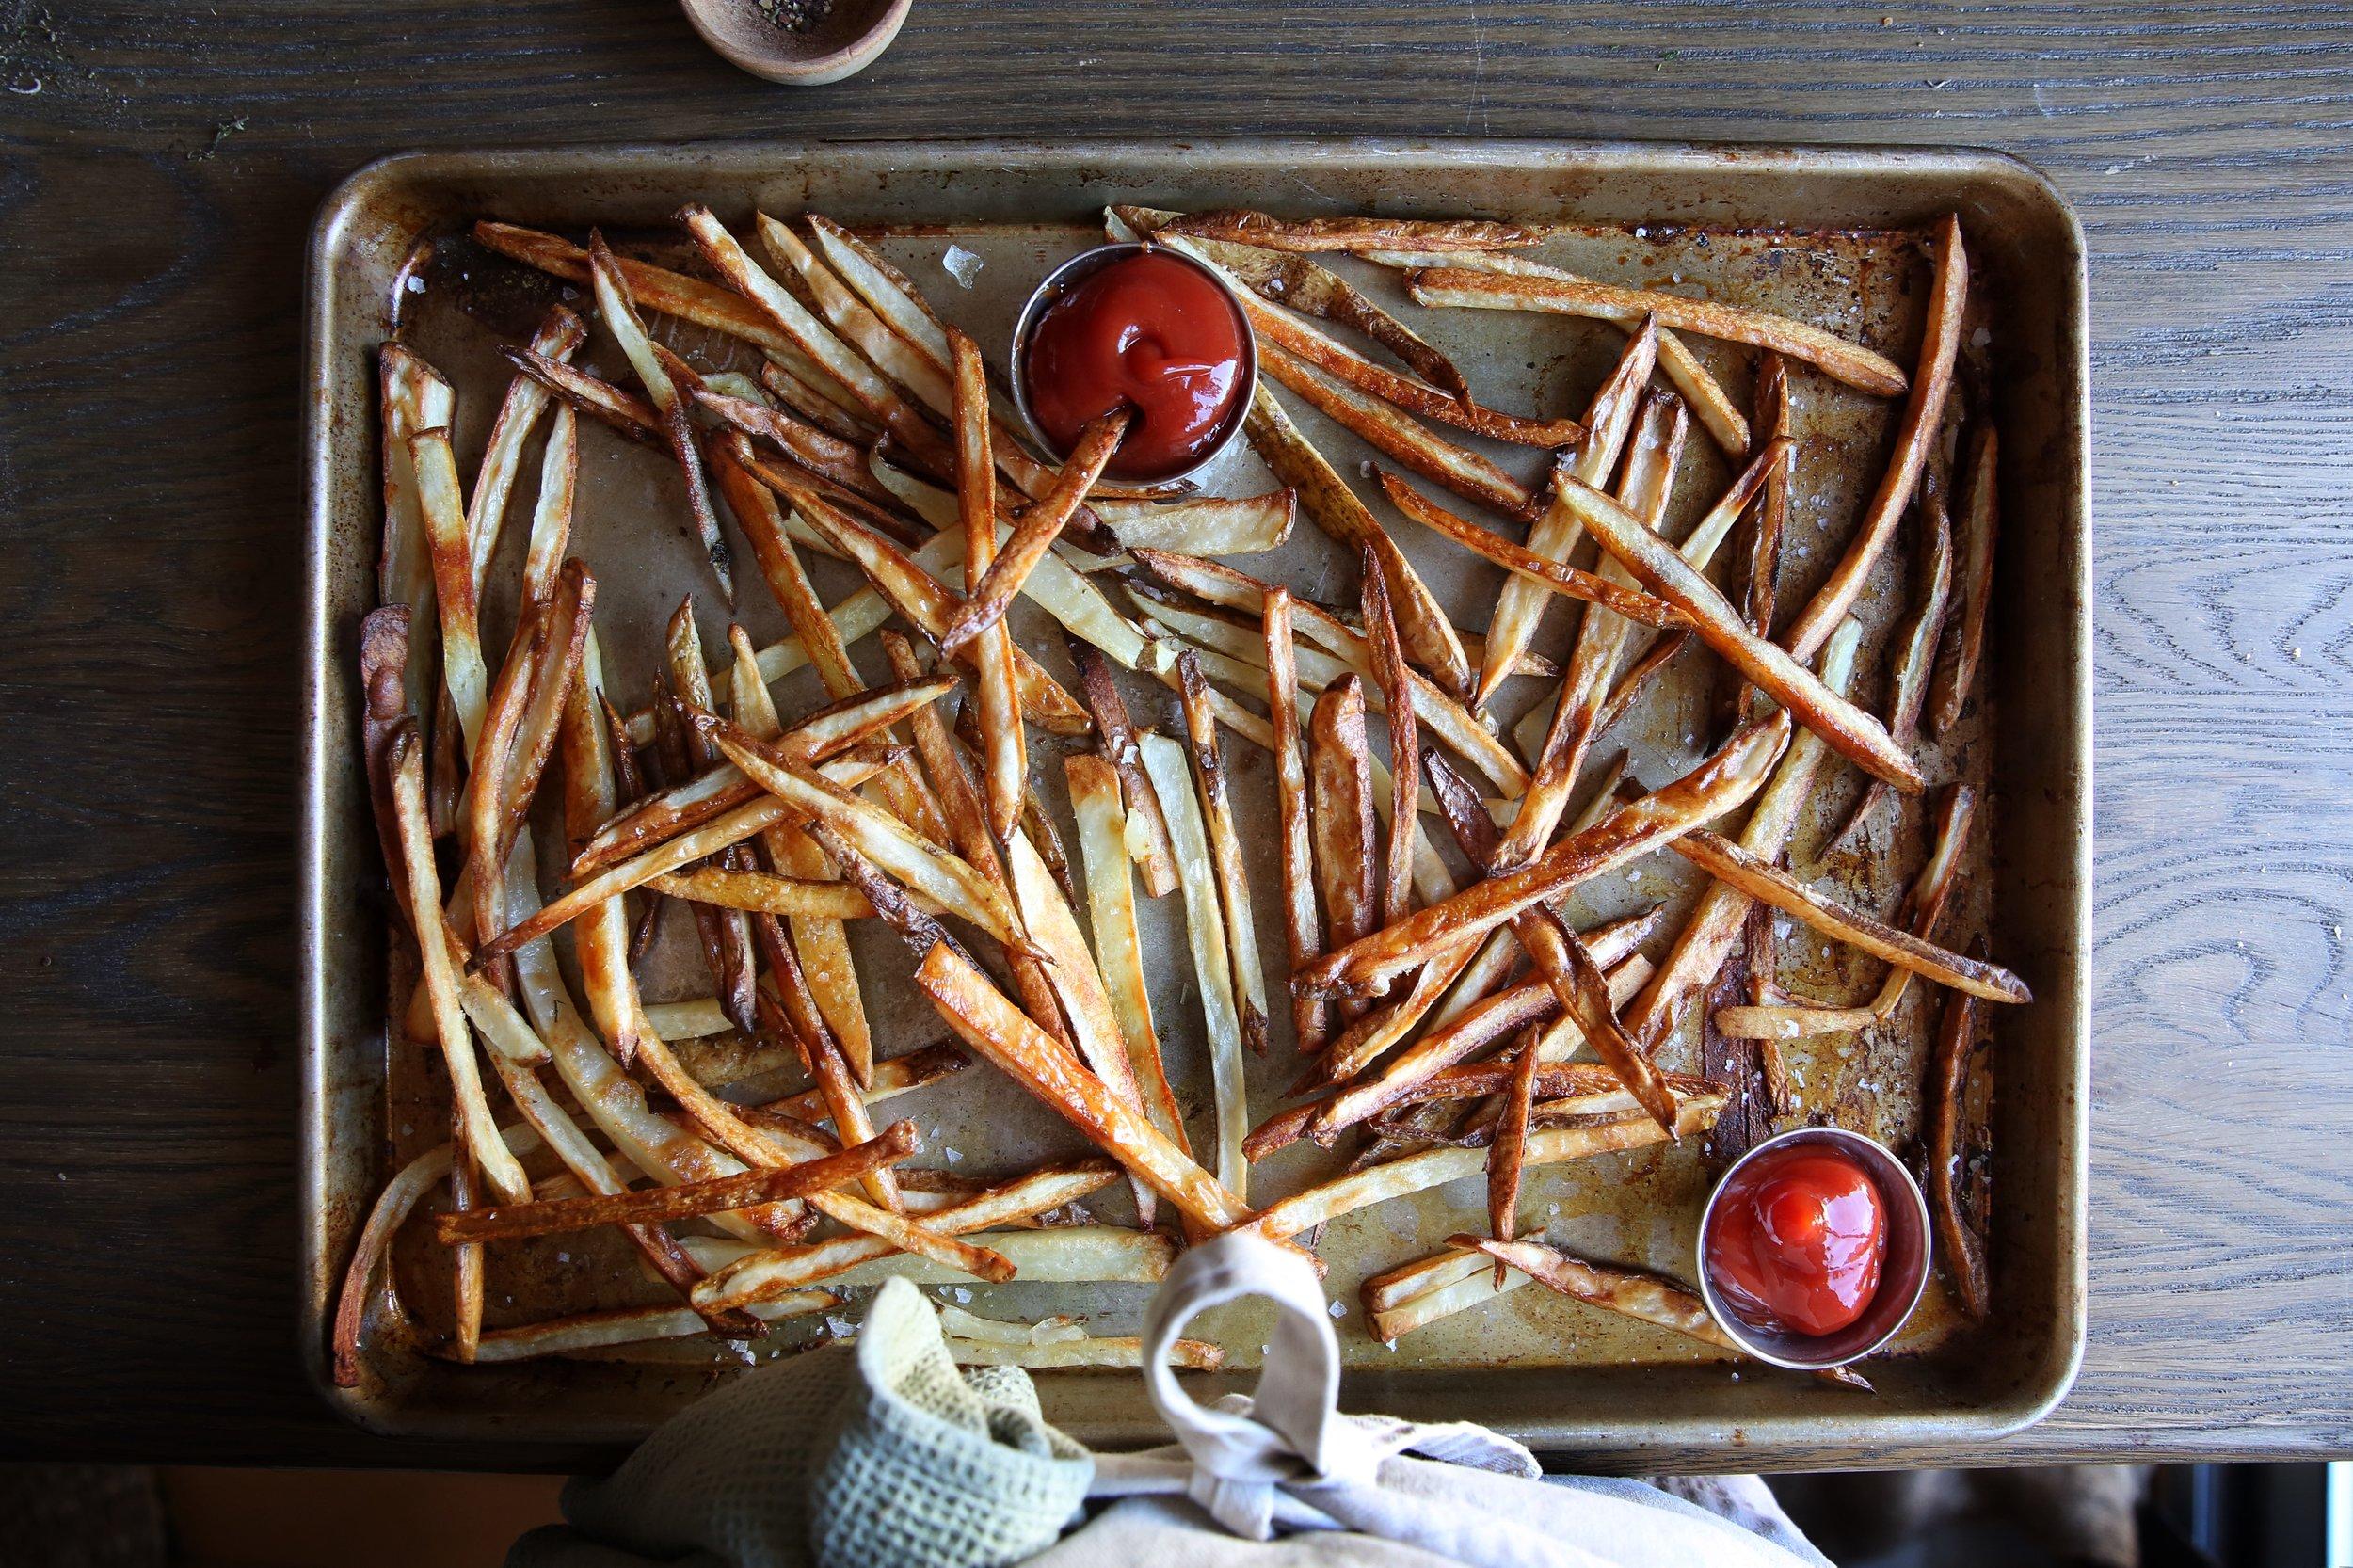 Judy Kim, Food Stylist, French Fries